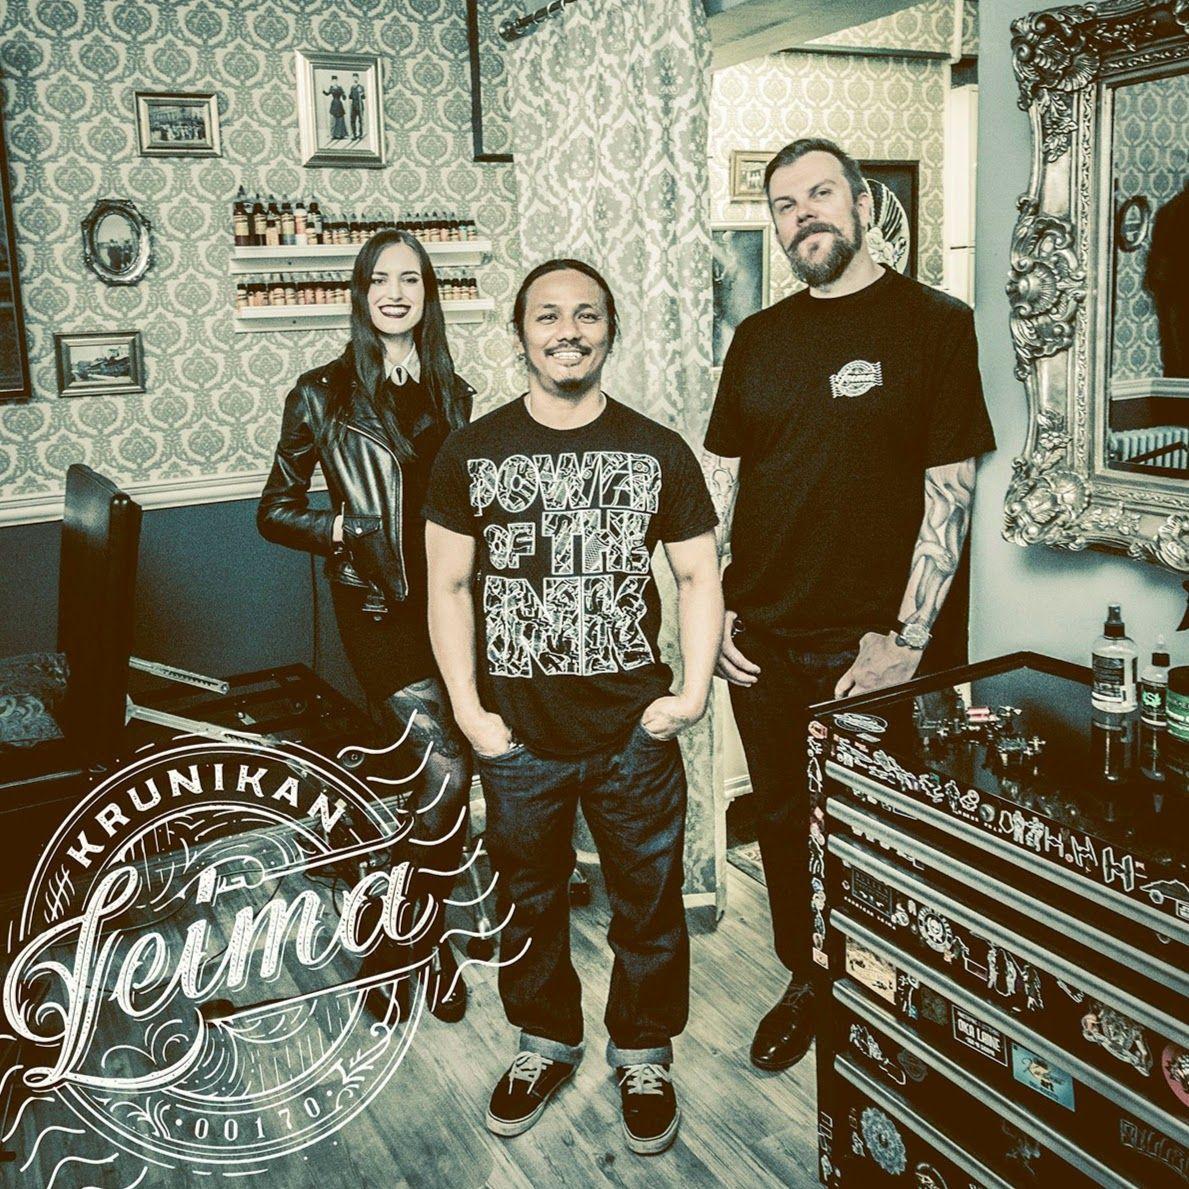 Krunikan Leima on viihtyisä tatuointiliike Helsingin sydämessä, Kruununhaassa. Tatuoinnit toteuttavat blackwork-artistimme Elisabet Waris, thaimaalainen Parn Zanco, sekä pajan omistaja Ilari Musta.